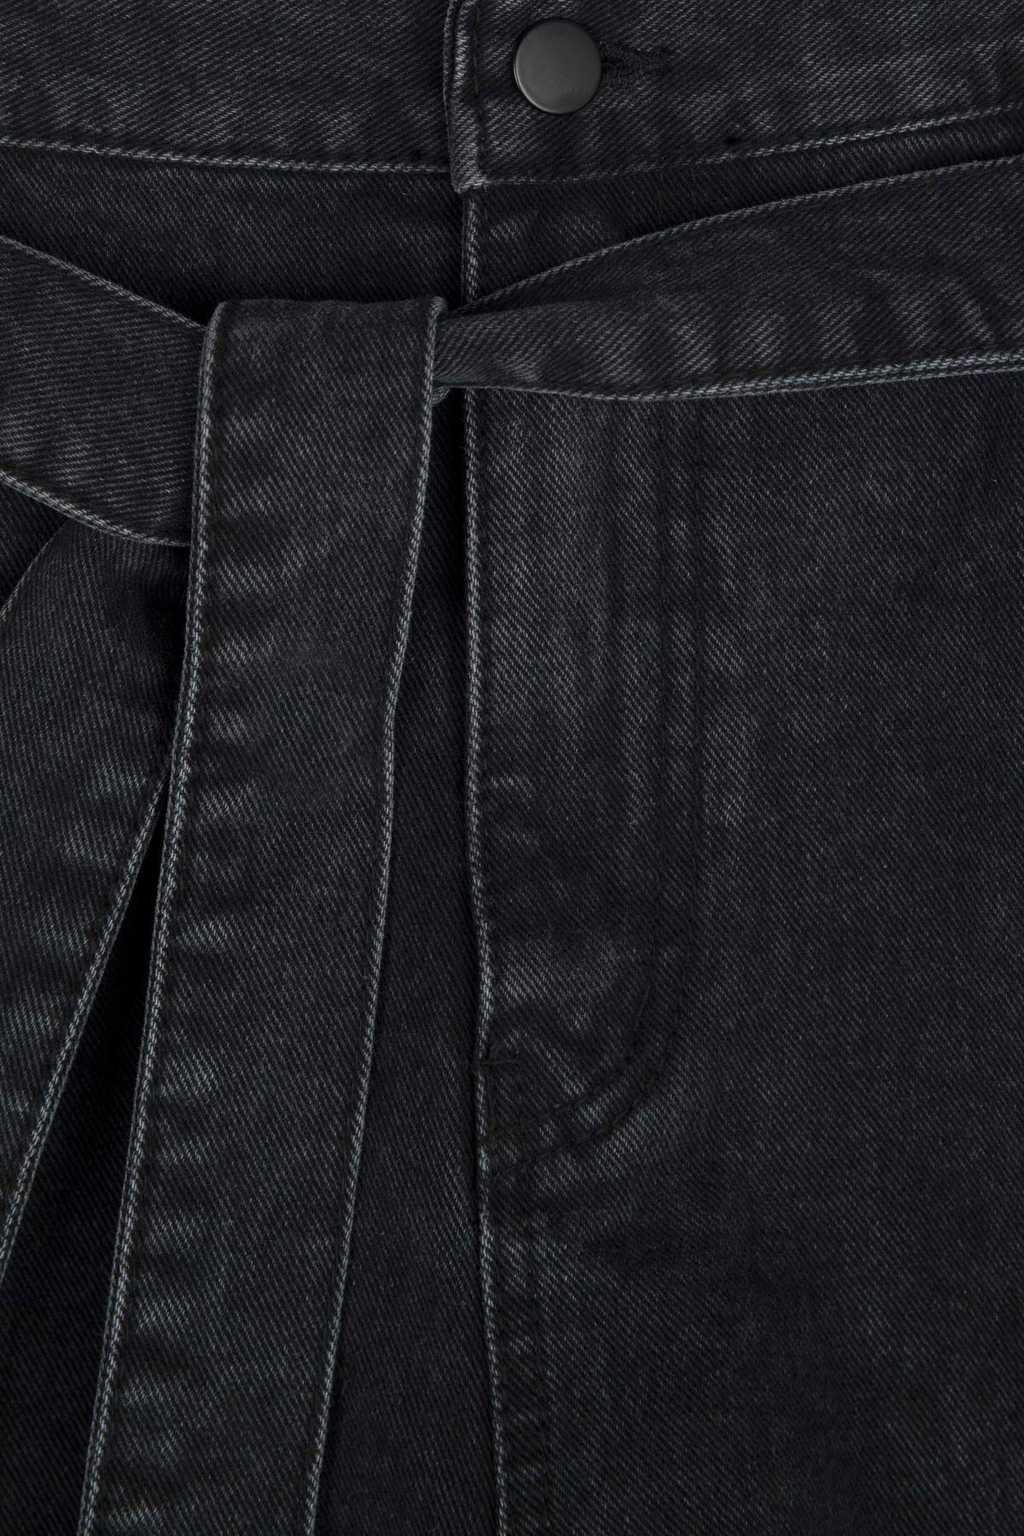 Short K012 Black 8